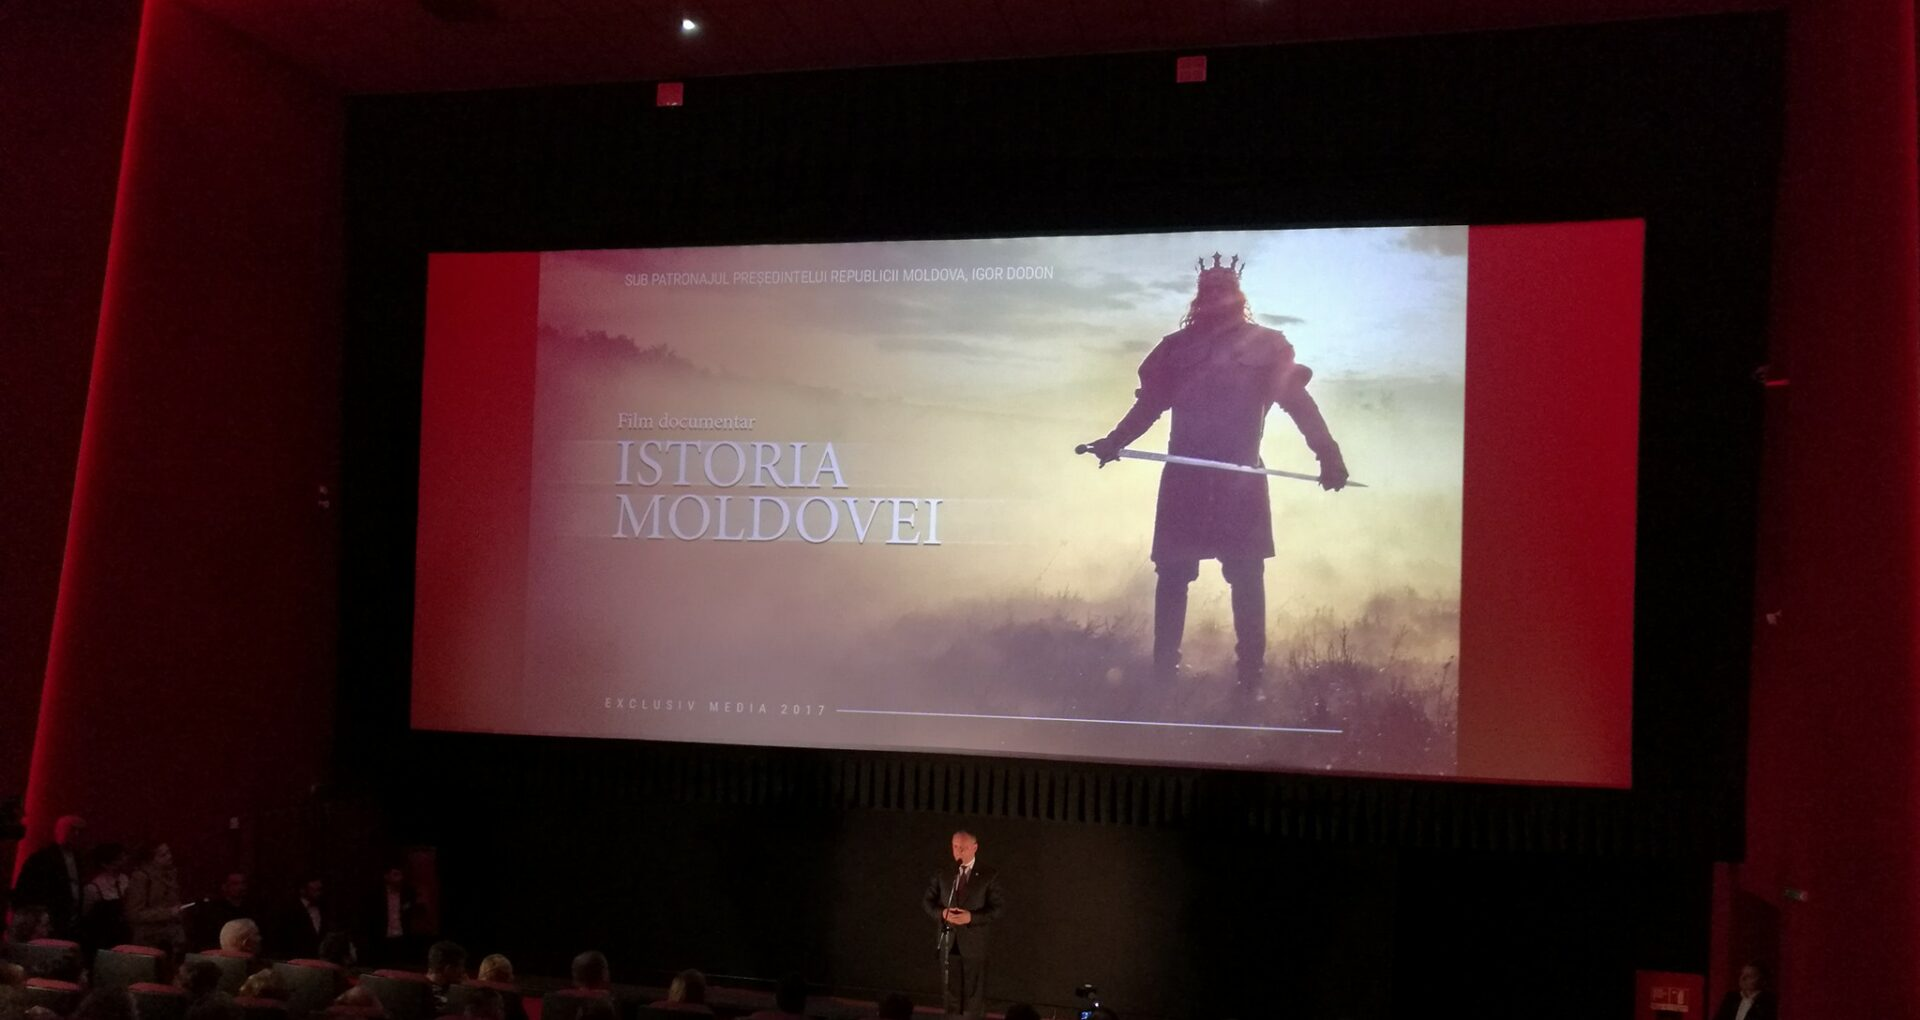 După ce a aterizat de la Moscova, Dodon a mers direct la cinematograf